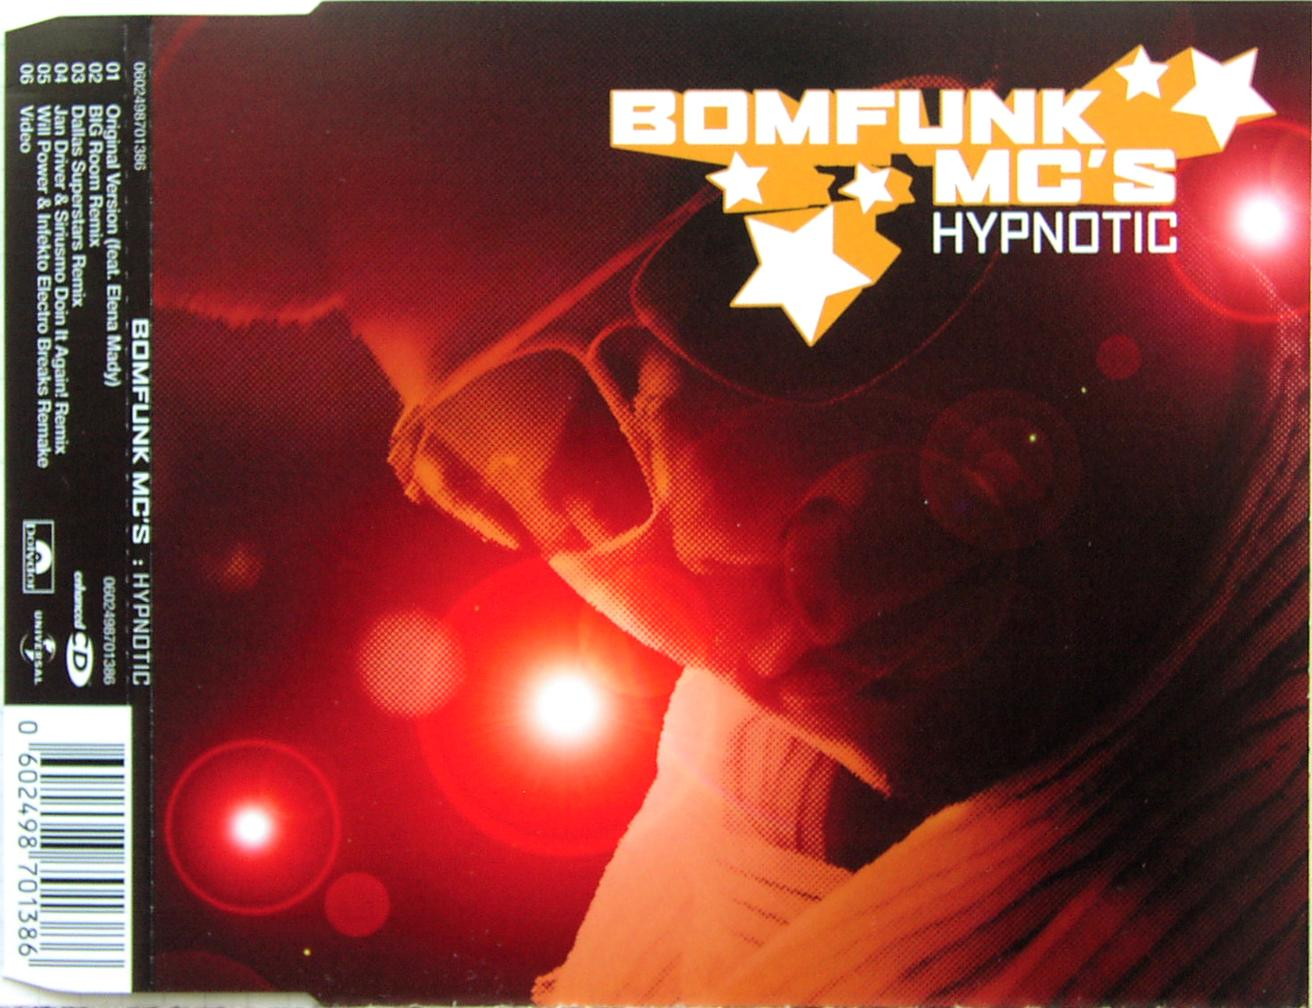 BOMFUNK MC'S - Hypnotic - CD Maxi